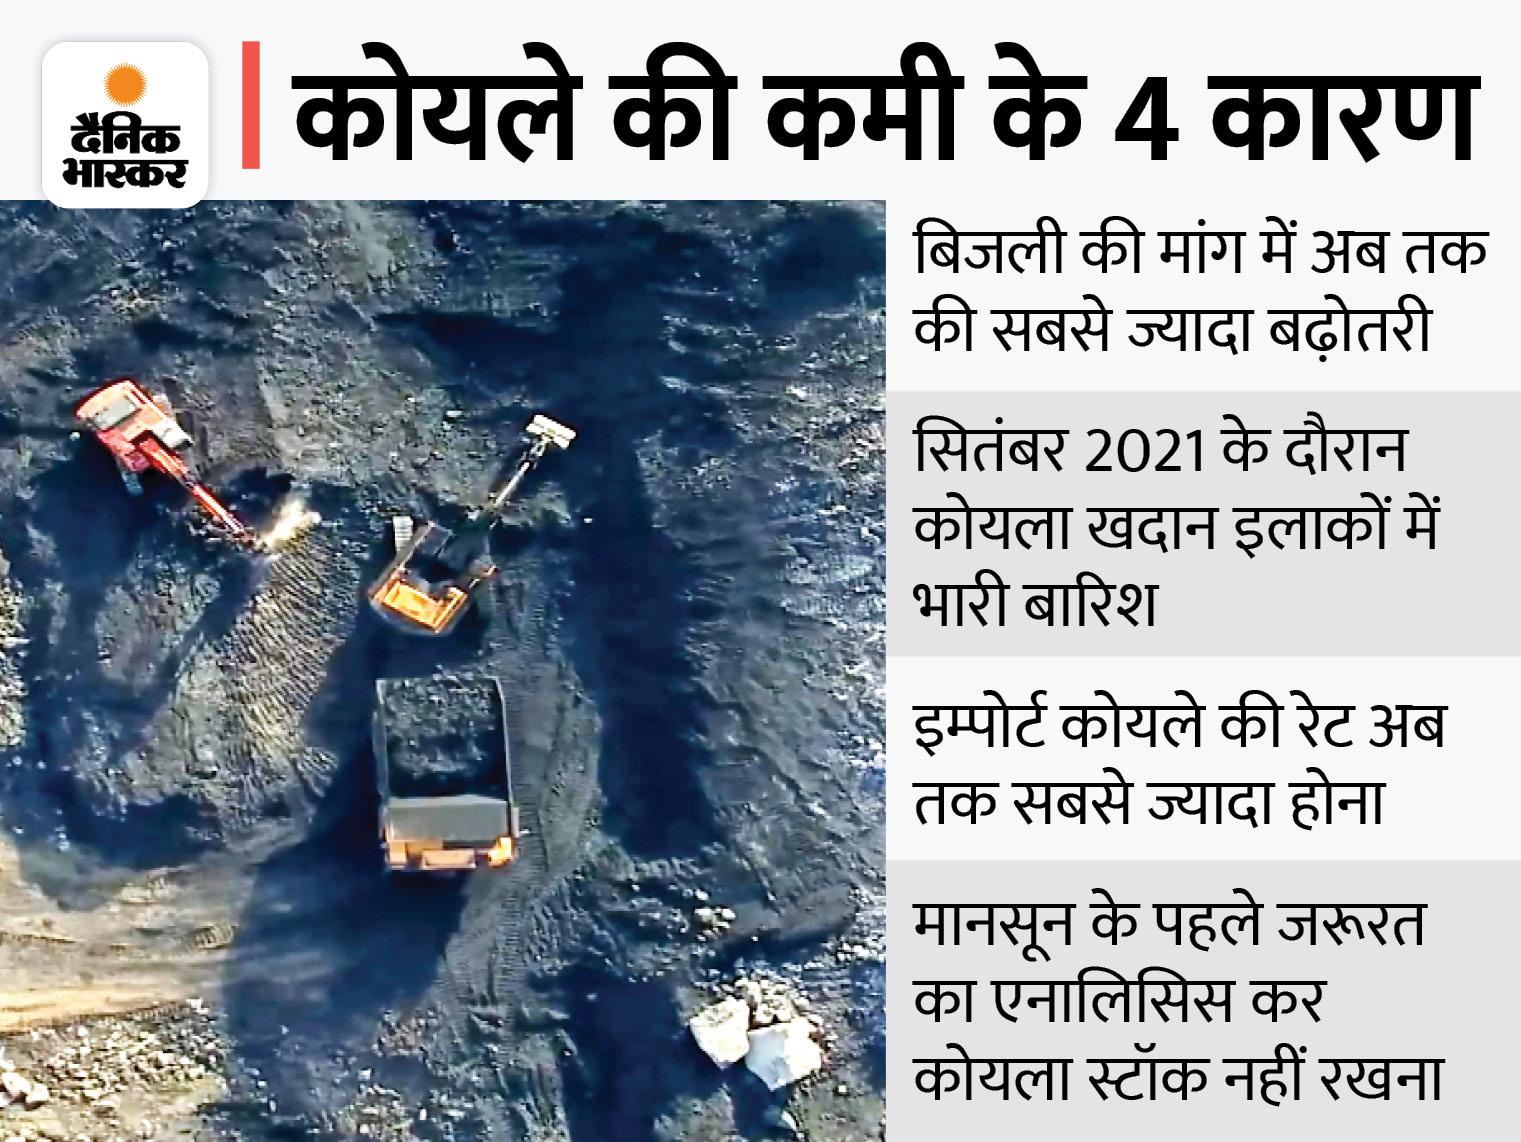 बंद पड़ी यूनिट में शुरू हुआ प्रोडक्शन, कोयले की सप्लाई भी बढ़ी, सप्लाई-डिमांड पर तय करेंगे कितनी कटौती होगी|राजस्थान,Rajasthan - Dainik Bhaskar